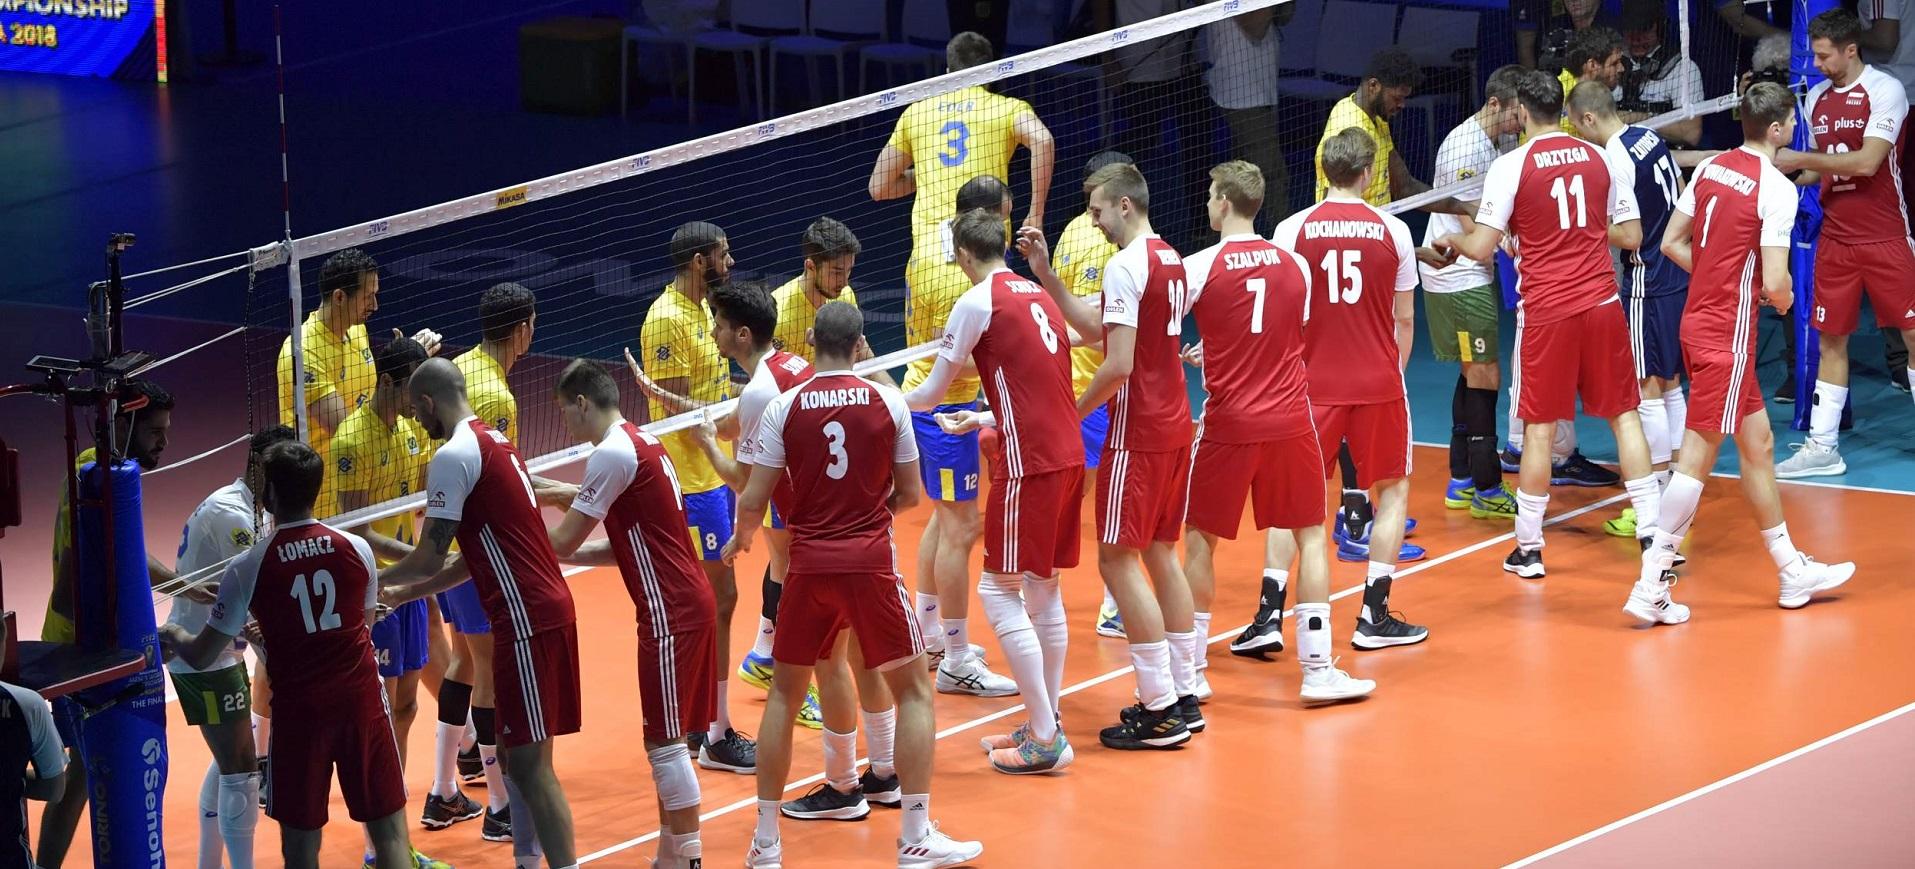 MŚ w siatkówce: Bartosz Kurek, atakujący reprezentacji Polski: Niesamowity to znakomite słowo, żeby opisać Mistrzostwa Świata w naszym wykonaniu